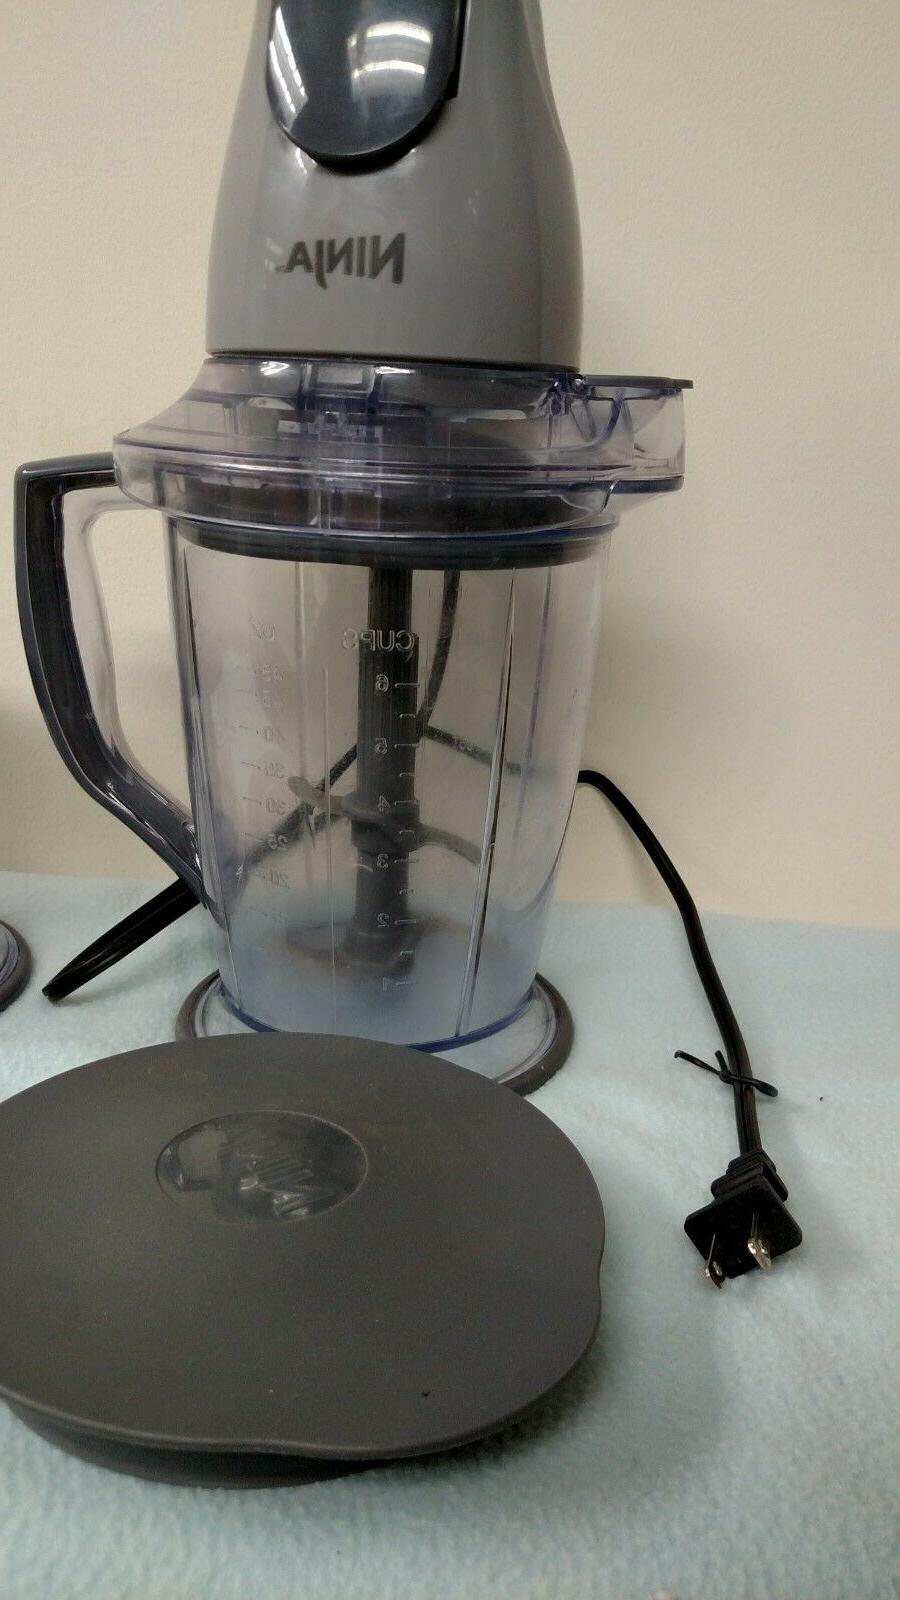 Ninja Chopper, & Food Processor